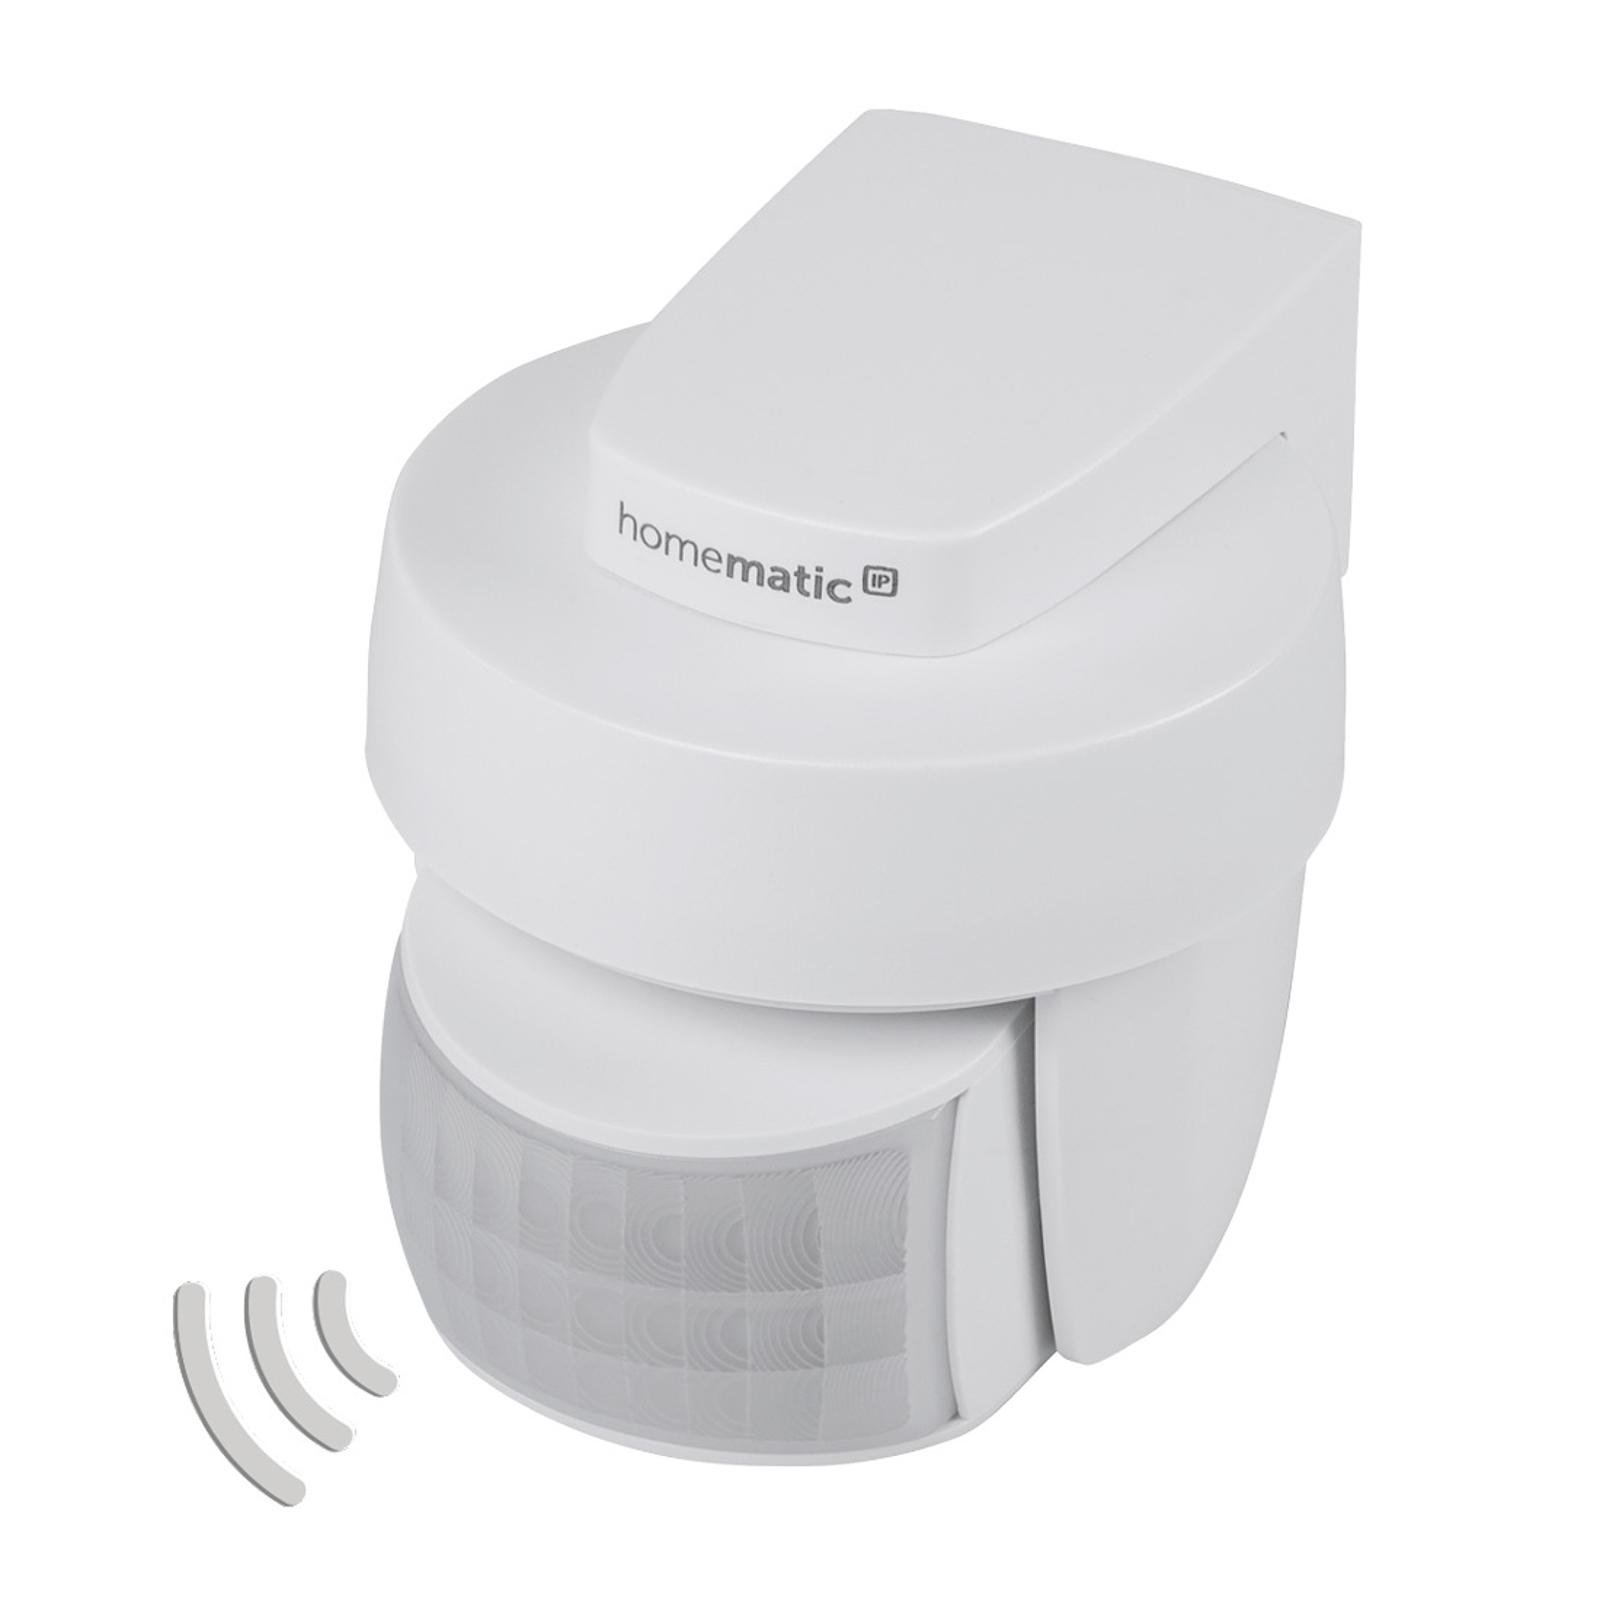 Homematic IP Bewegungs-/Dämmerungssensor weiß